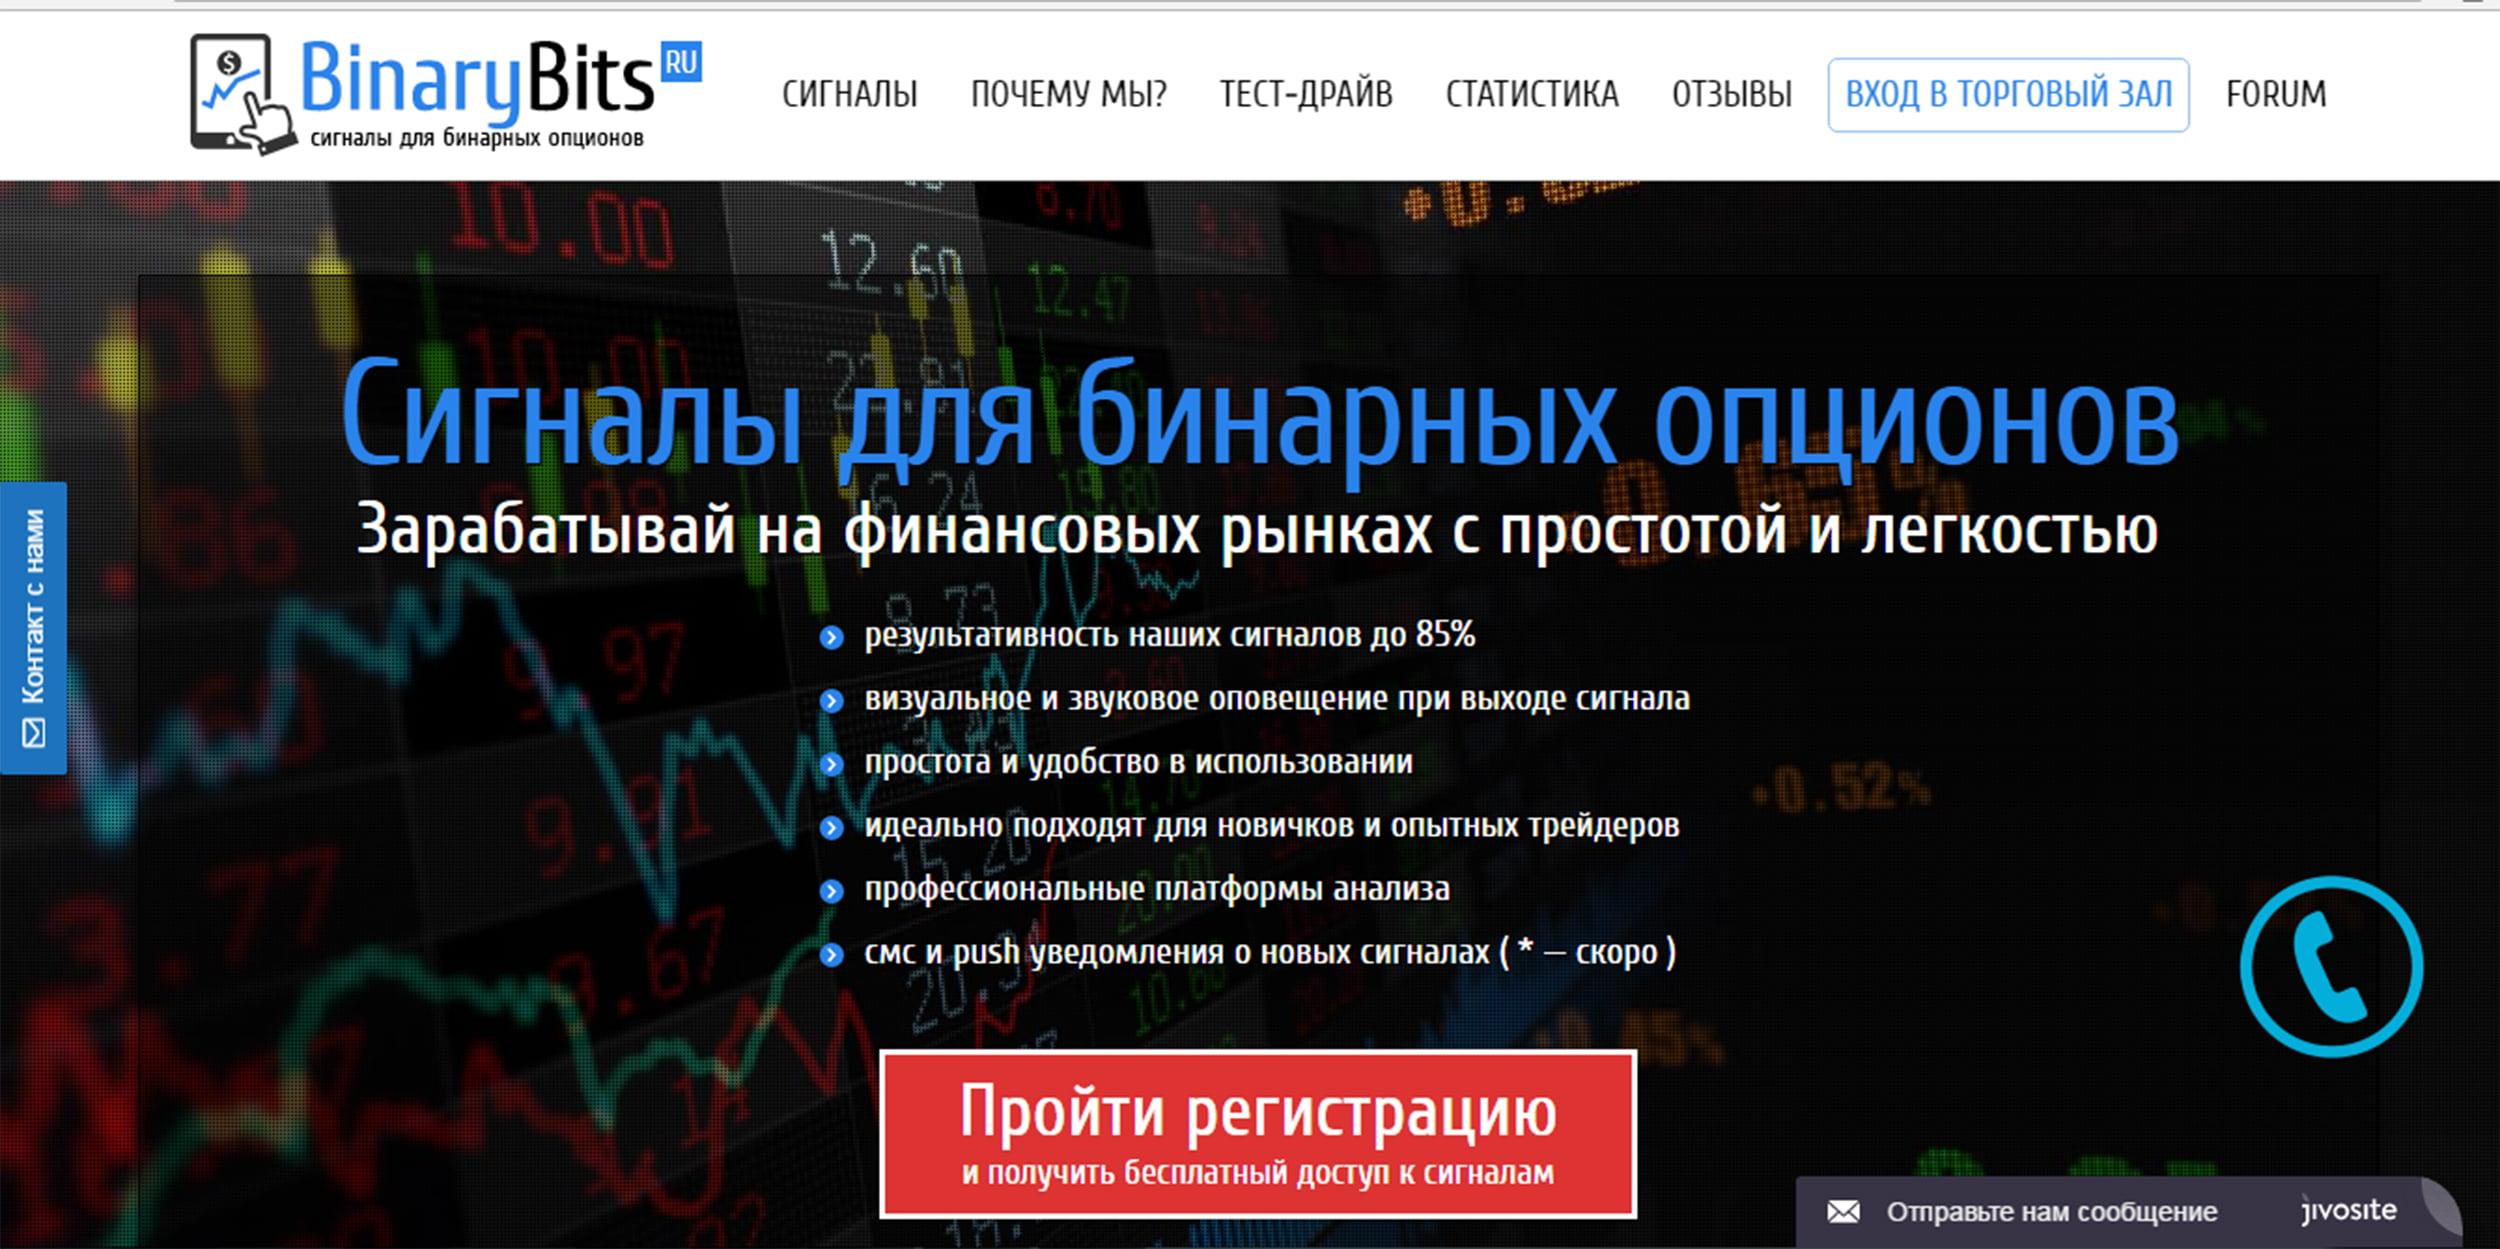 Binarybits.ru